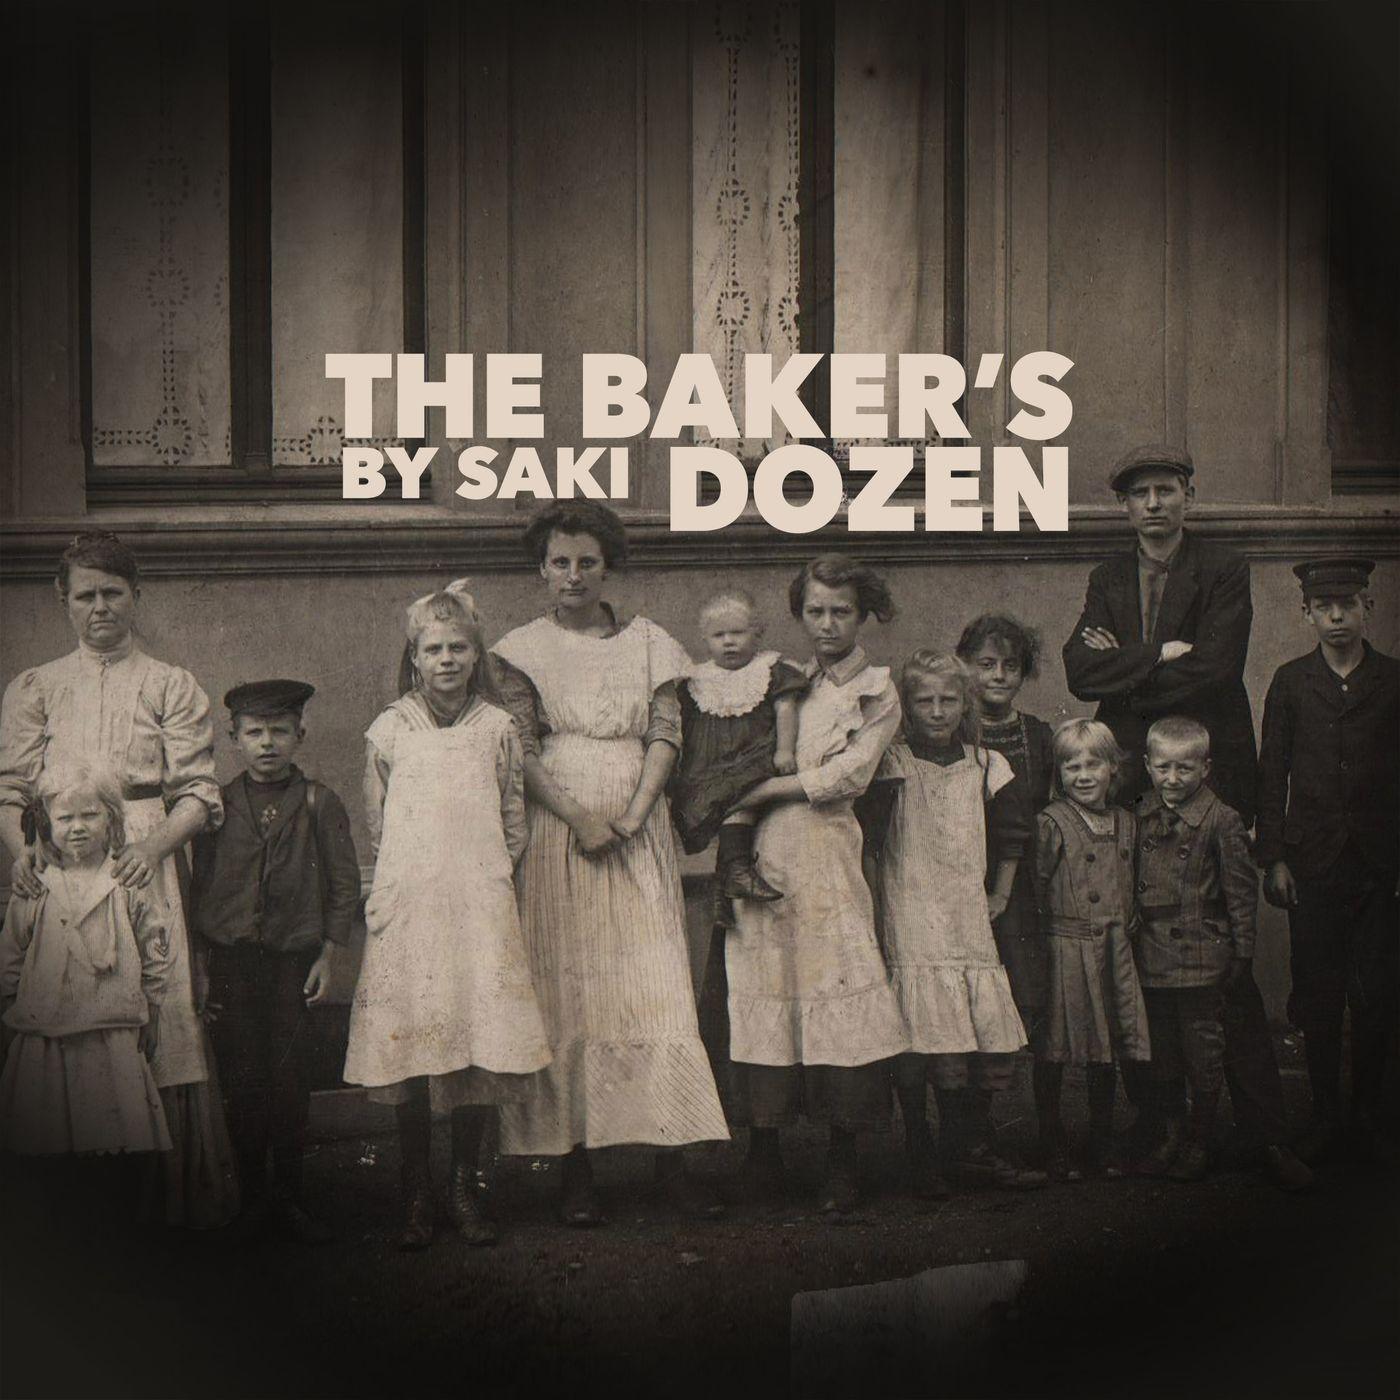 The Bakers Dozen by Saki